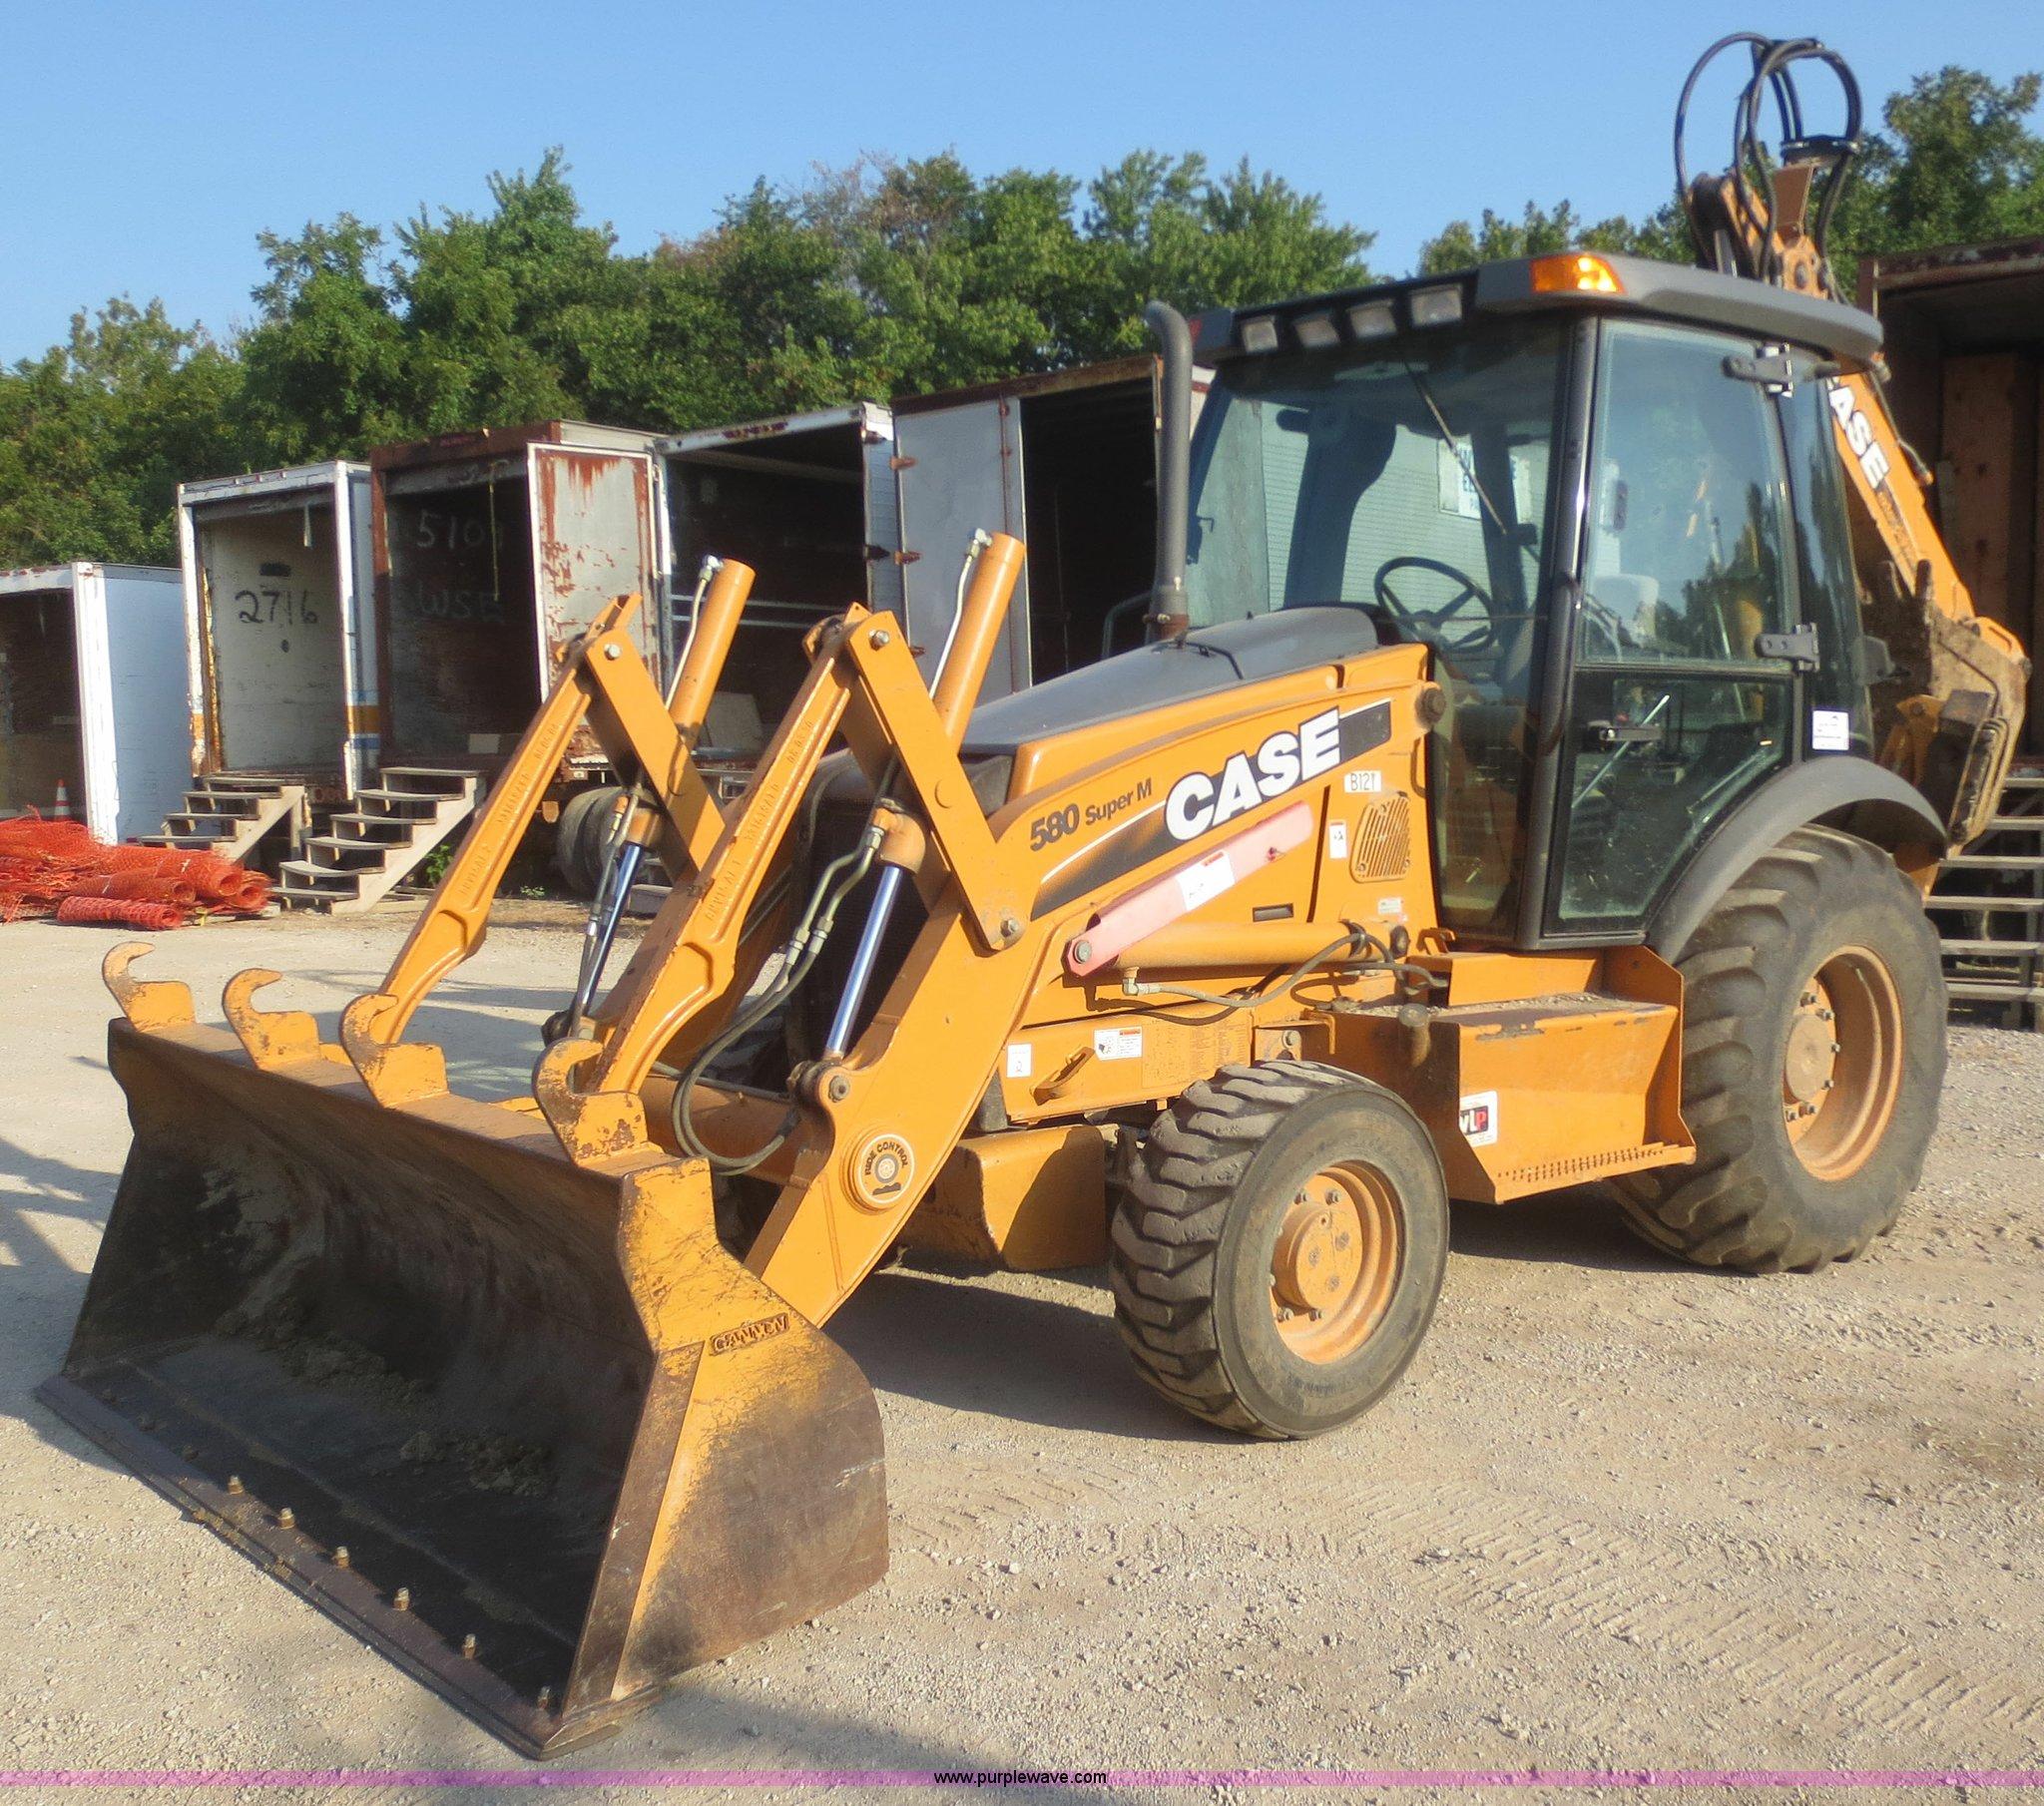 2008 Case 580 Super M Series 3 backhoe | Item F8294 | SOLD!